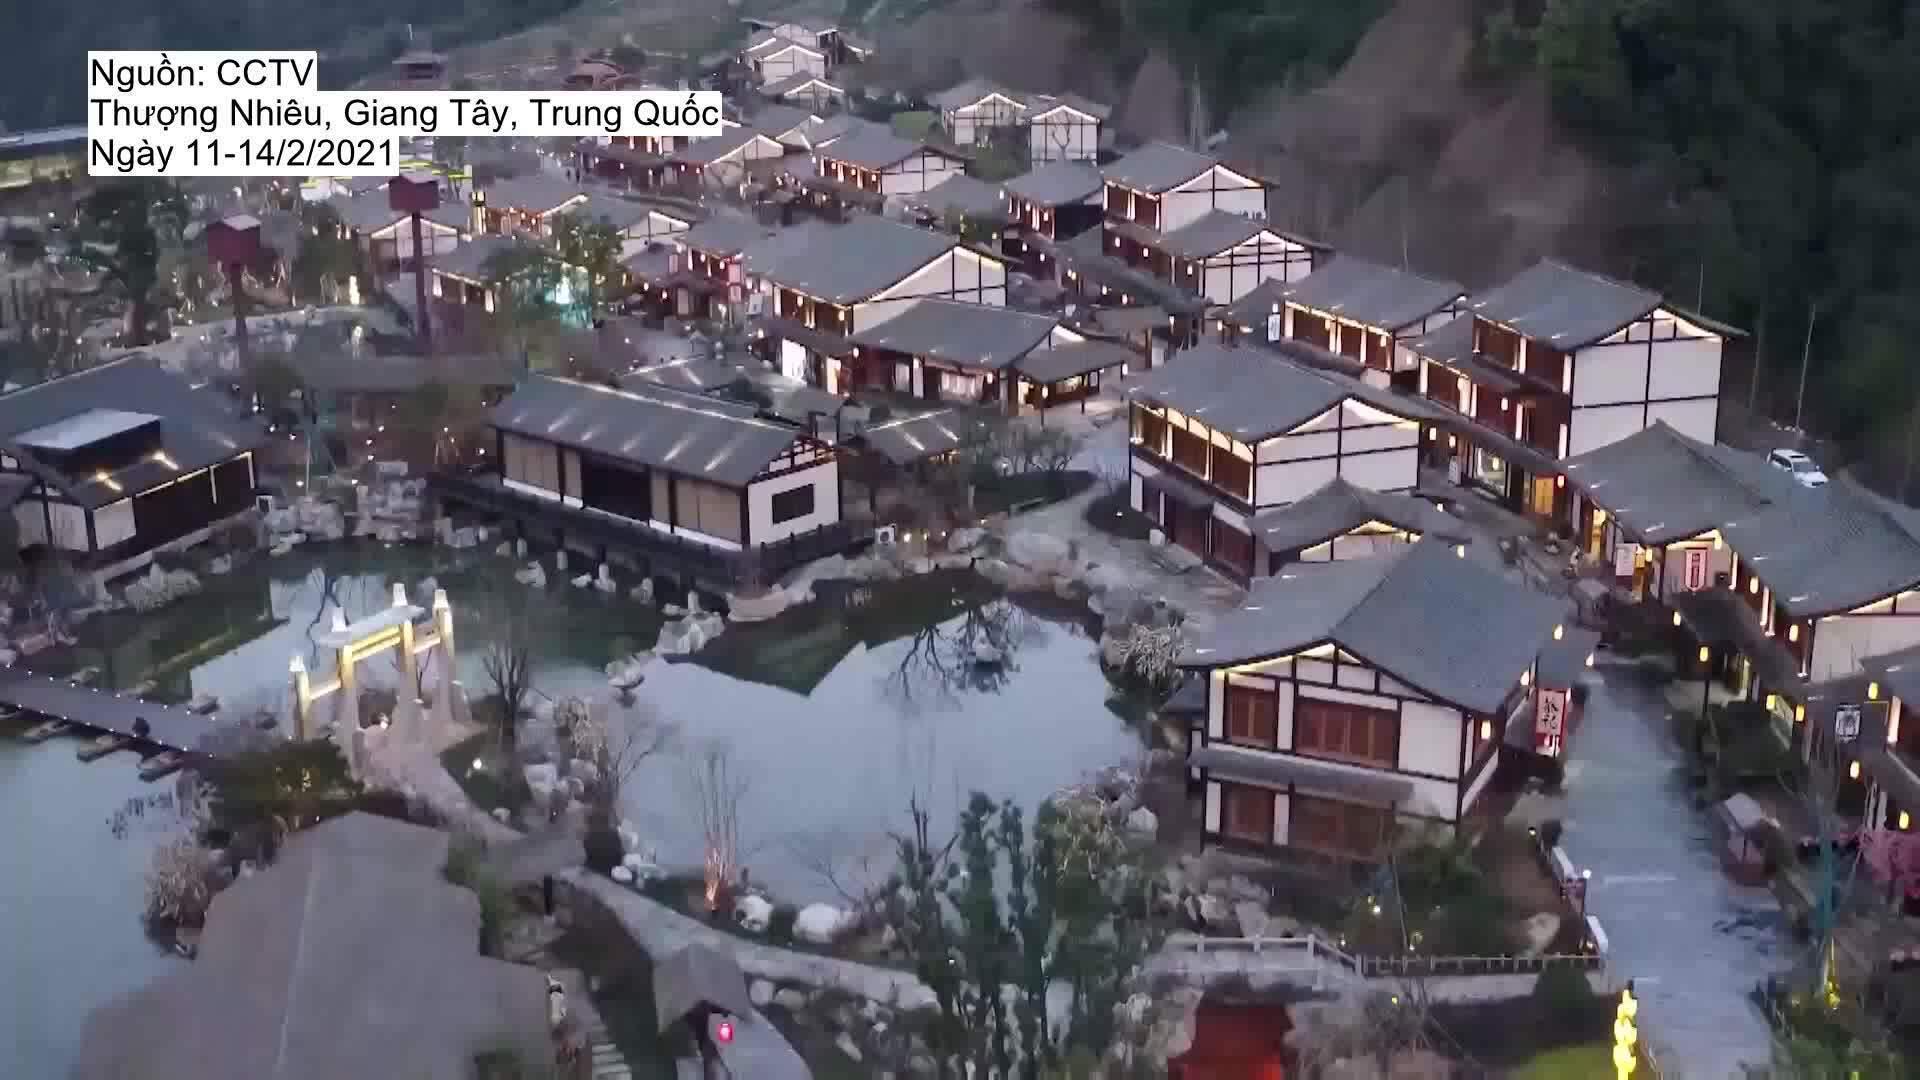 Ngôi làng sáng đèn nguyên tuần đón Tết